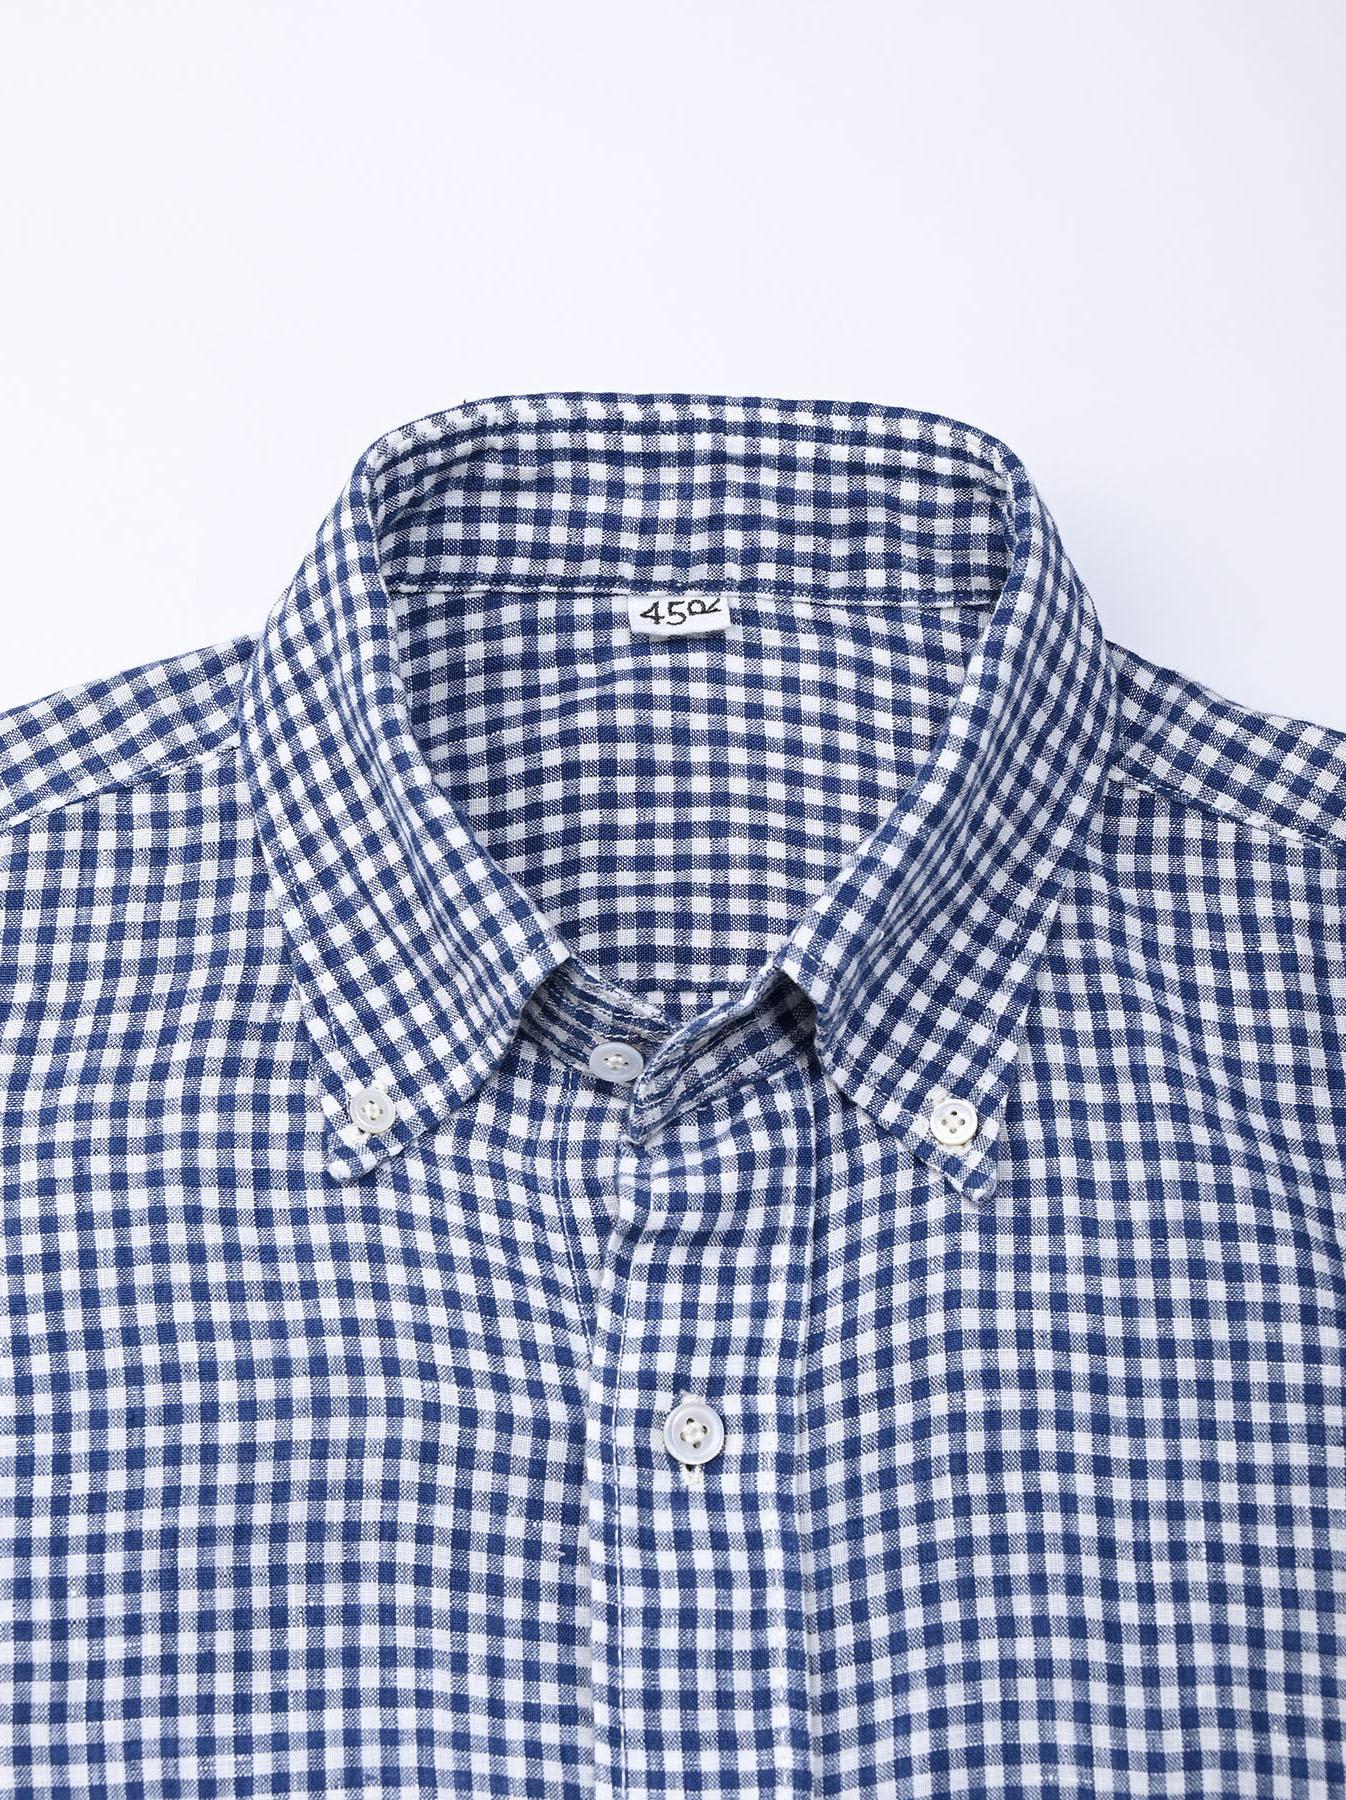 Indian Linen Flat 908 Ocean Shirt (0521)-8